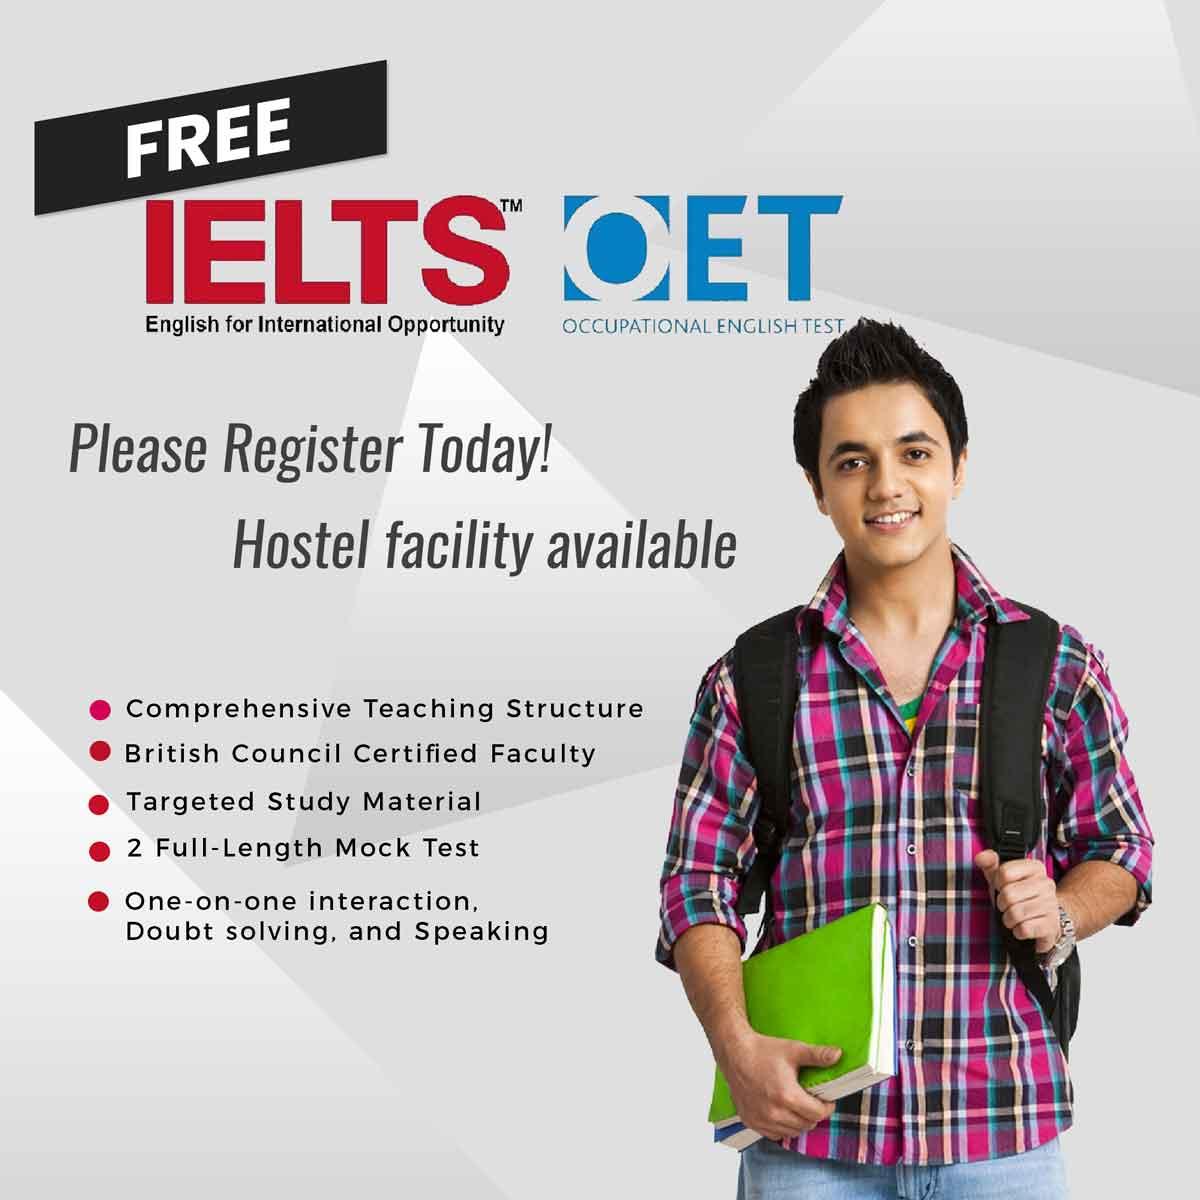 Free IELTS / OET